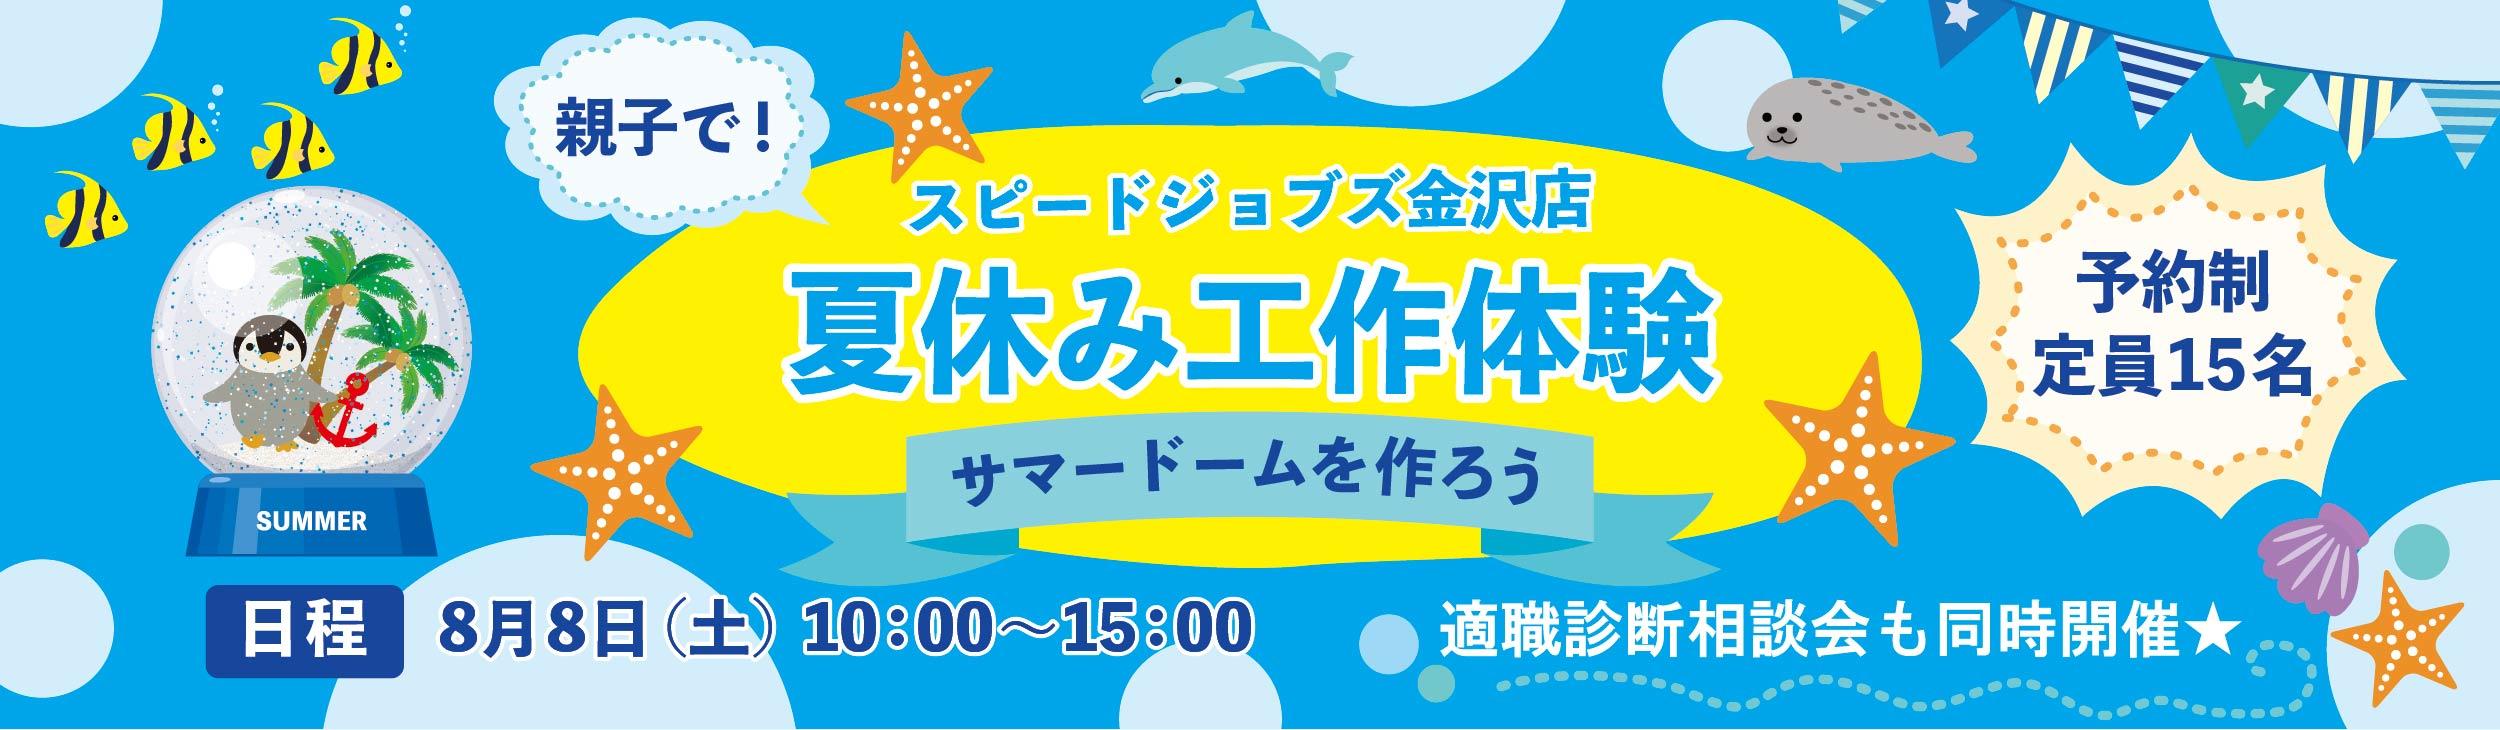 スピードジョブズ金沢店 夏休み工作体験 サマードームを作ろう 8月8日(土)10:00〜15:00 適職診断相談会も同時開催